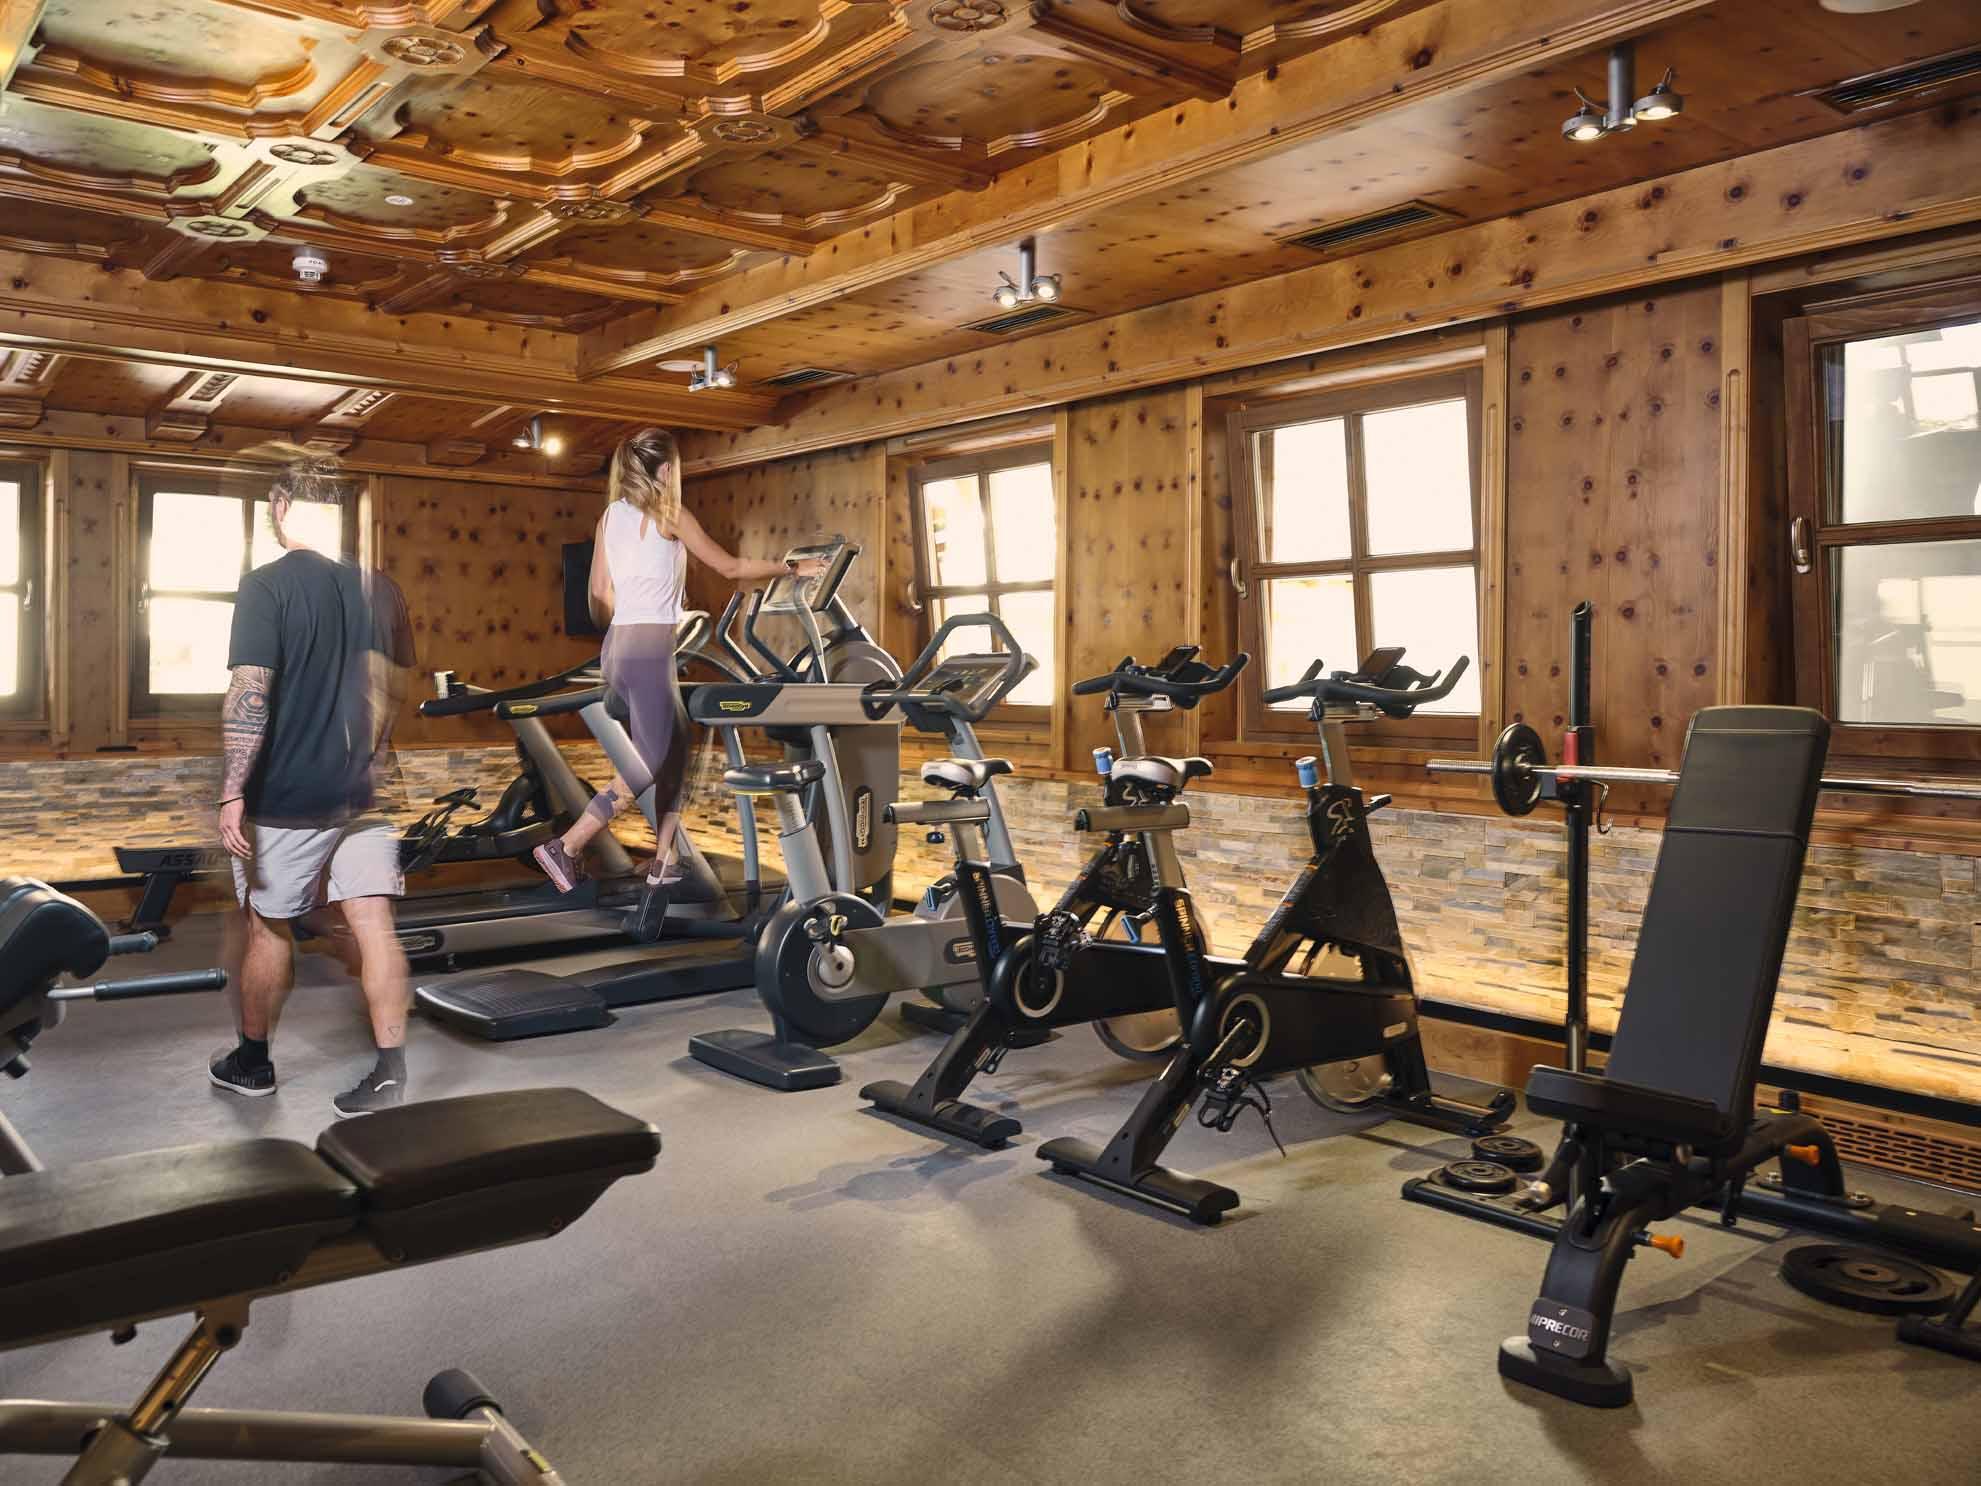 Zwei Personen trainieren im Fitnessraum